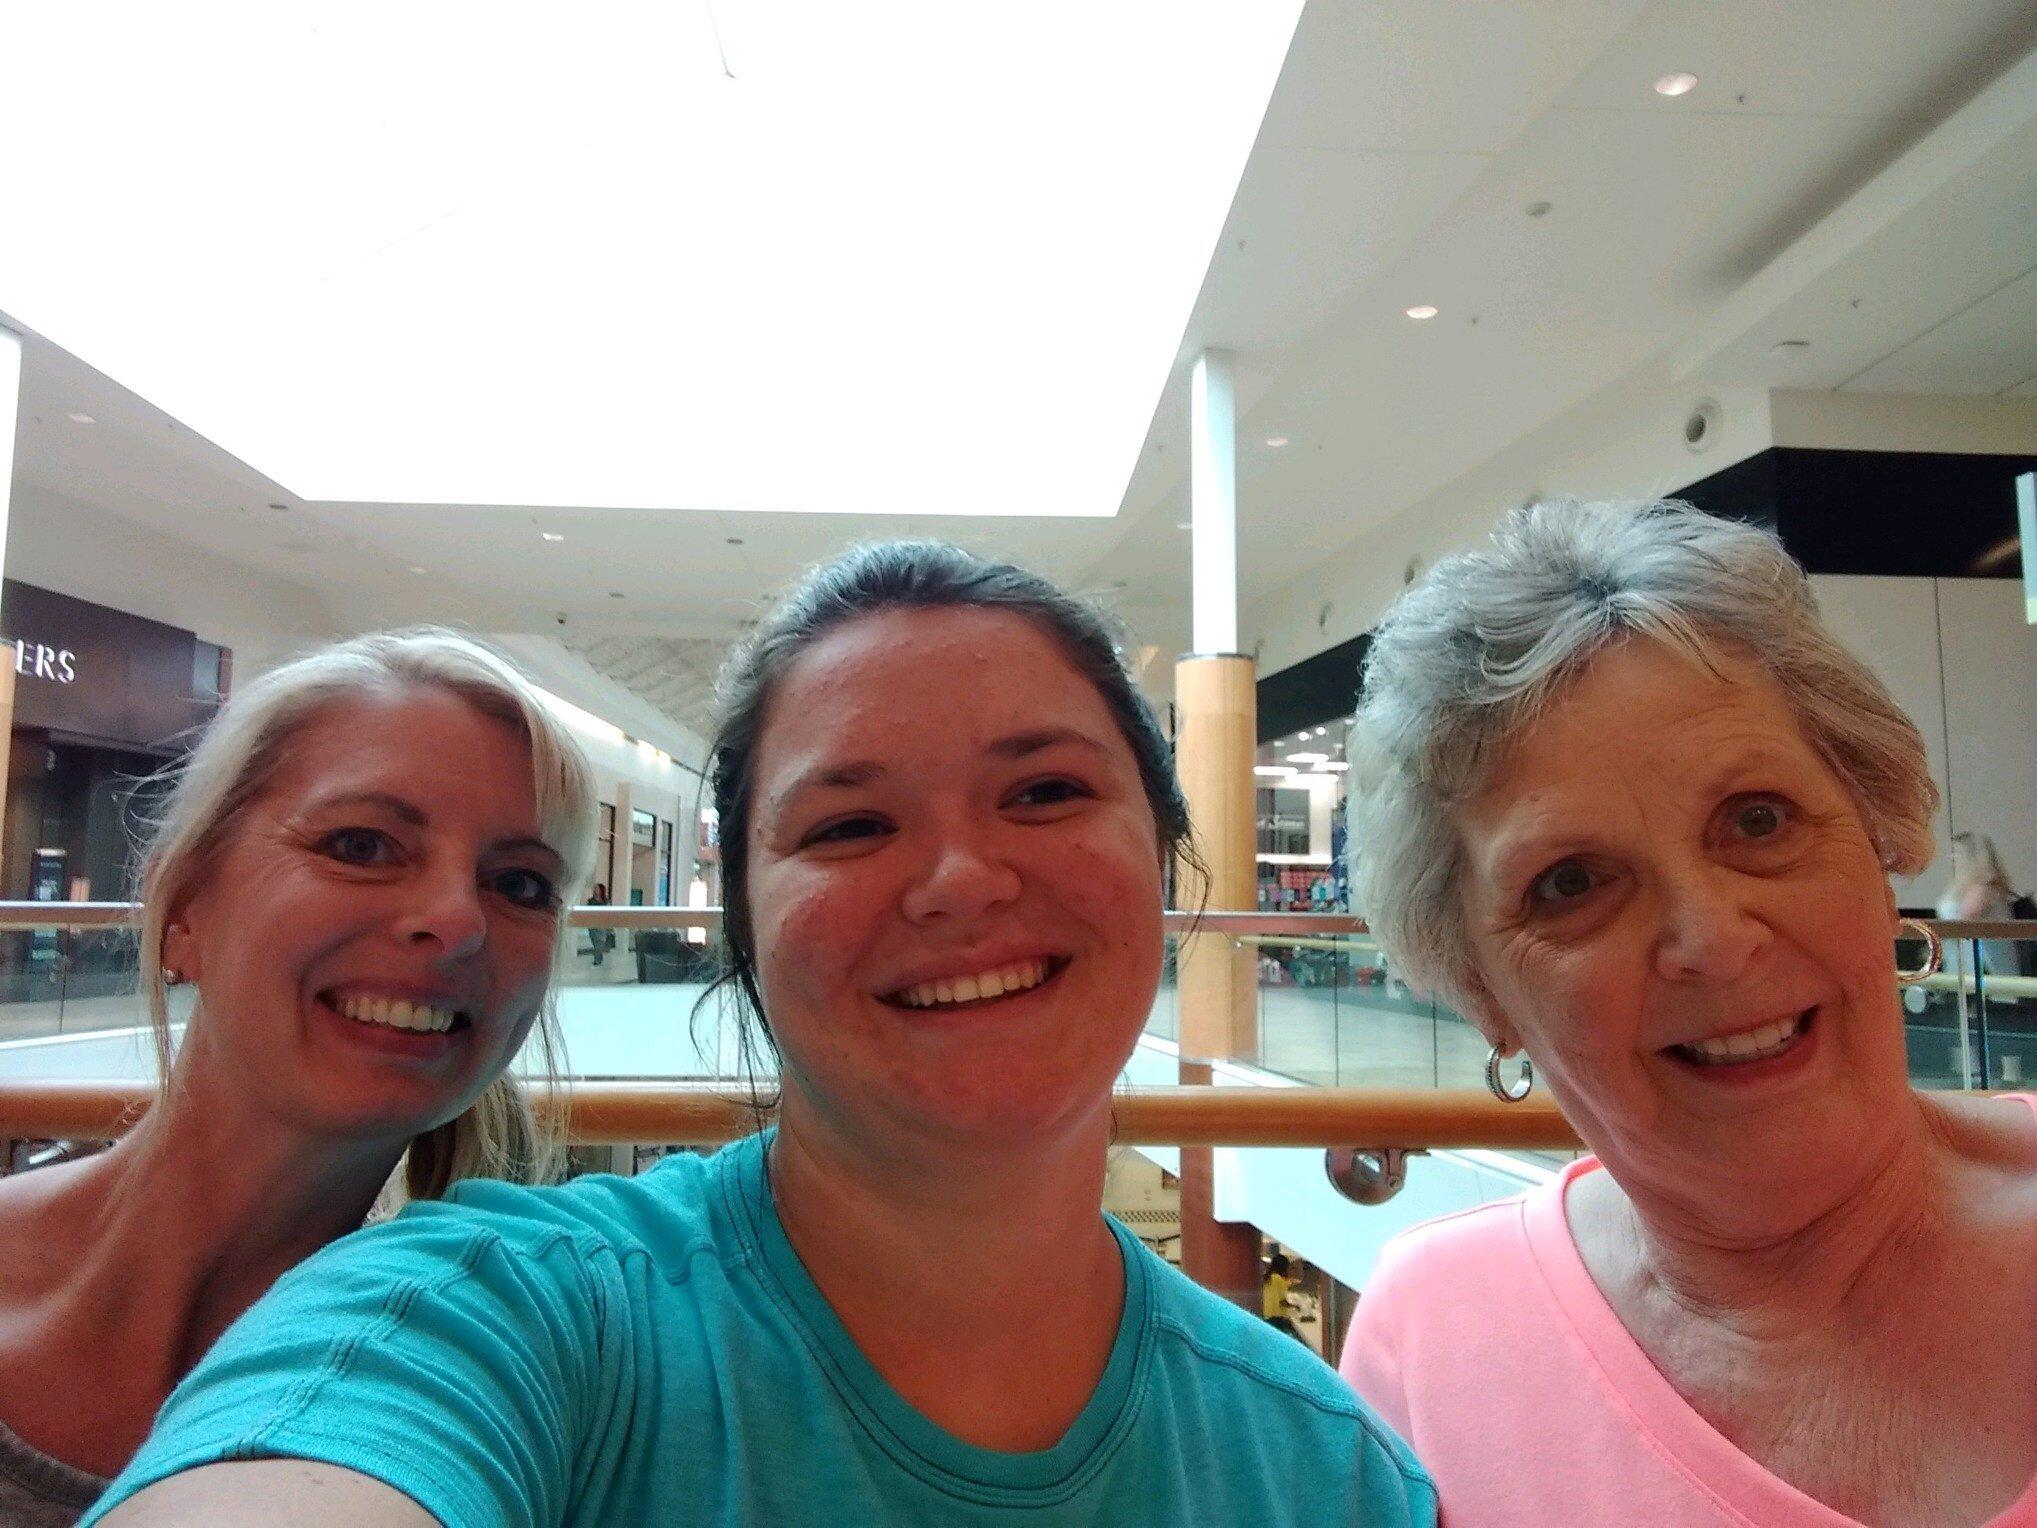 Marsha, Shea, and Ma (Jean) having fun in NC